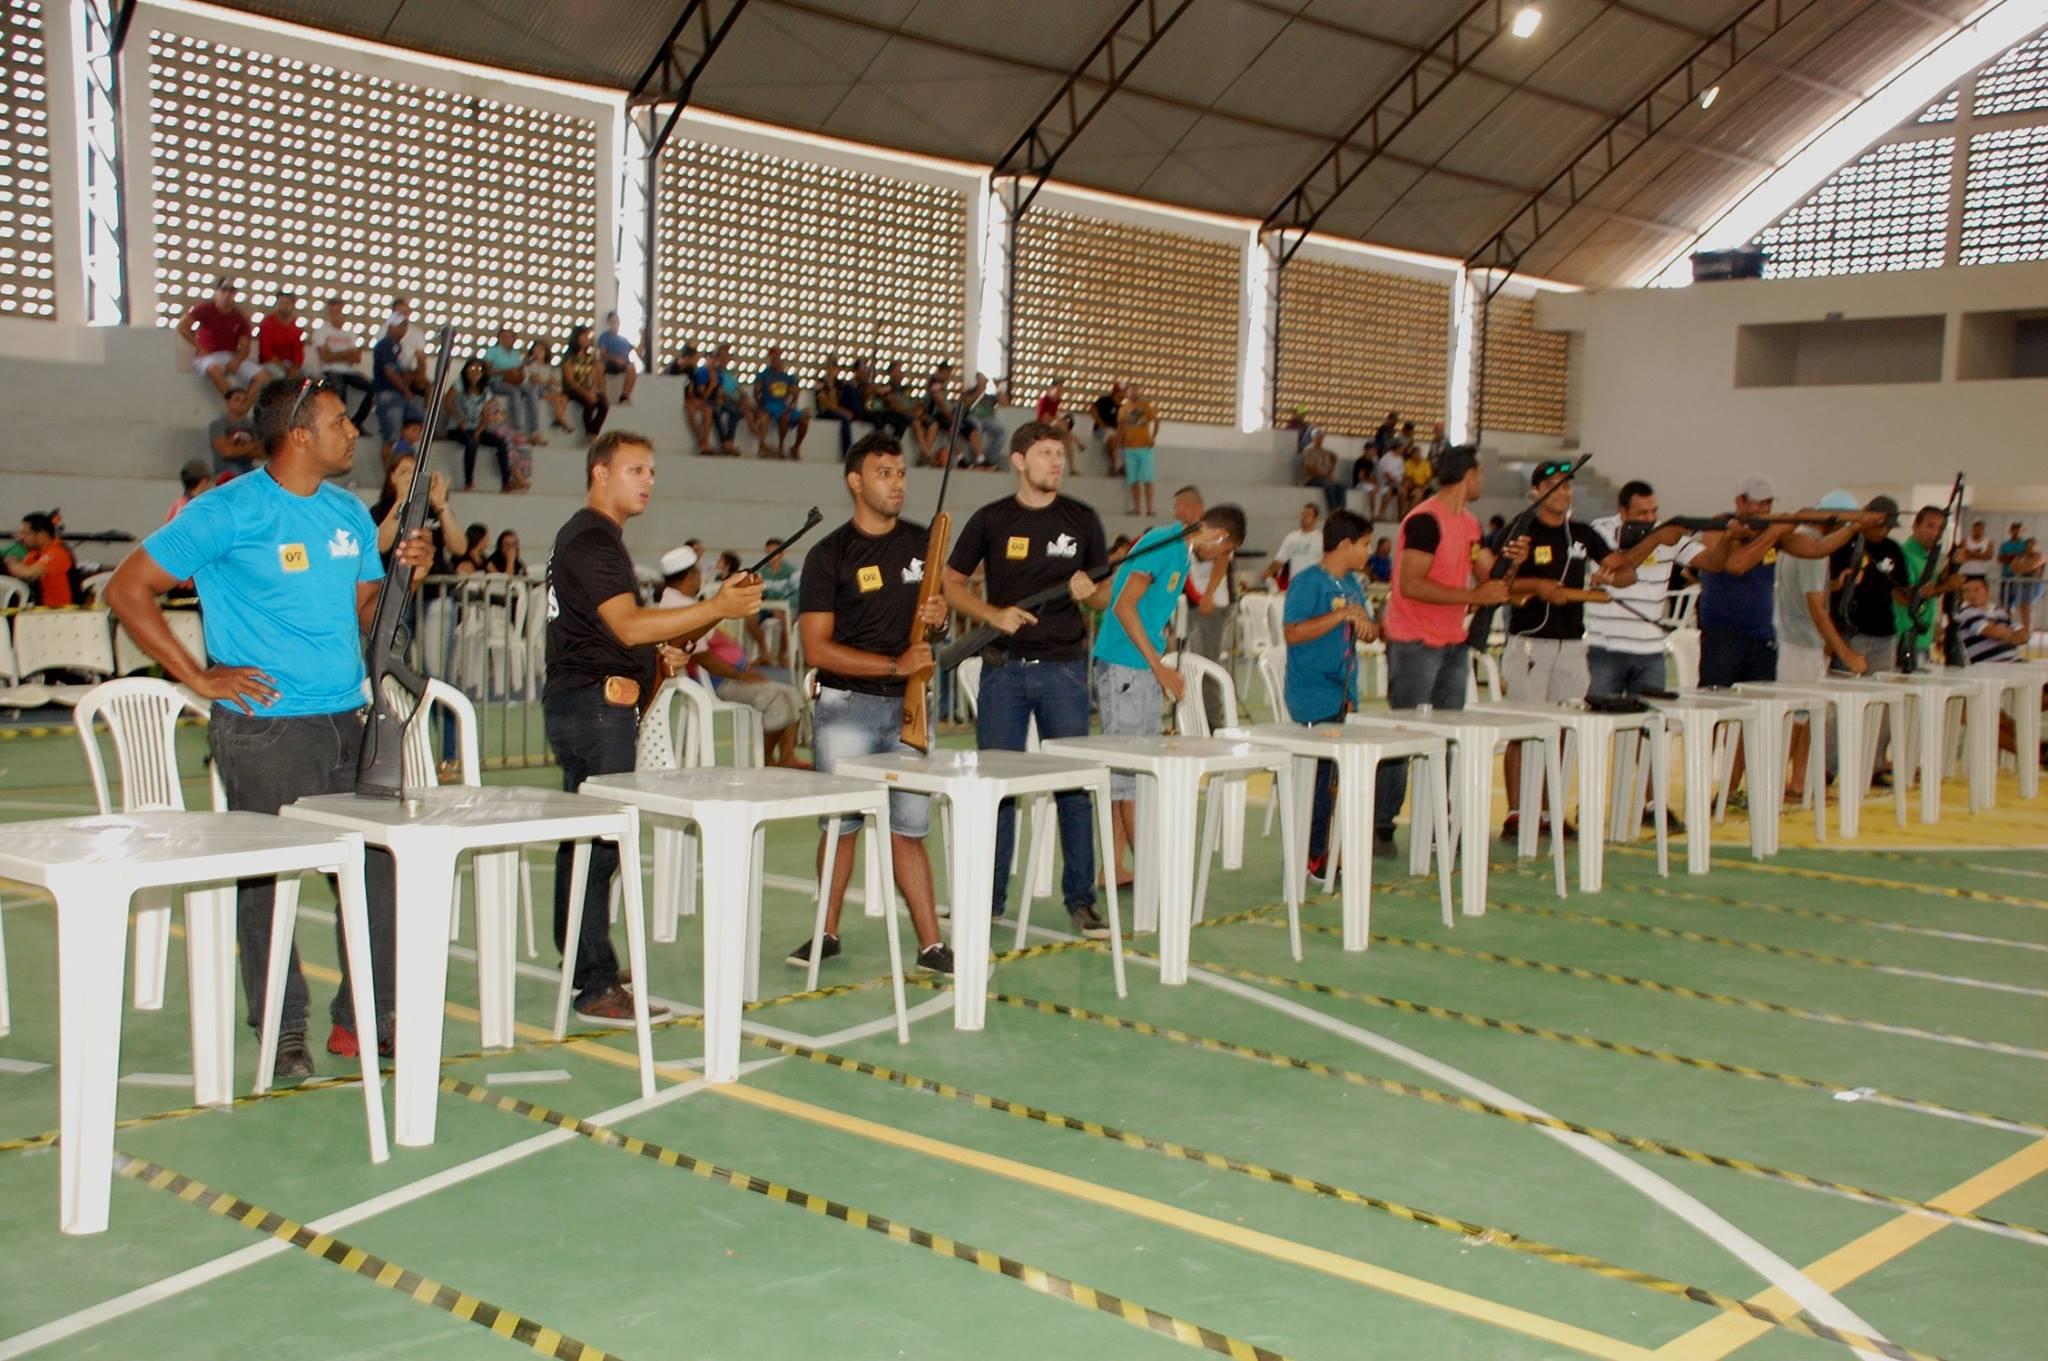 18738607_1889324458007411_2573191065321432667_o-1-300x199 Participantes comemoram o sucesso do Torneio de Tiro Esportivo de Monteiro